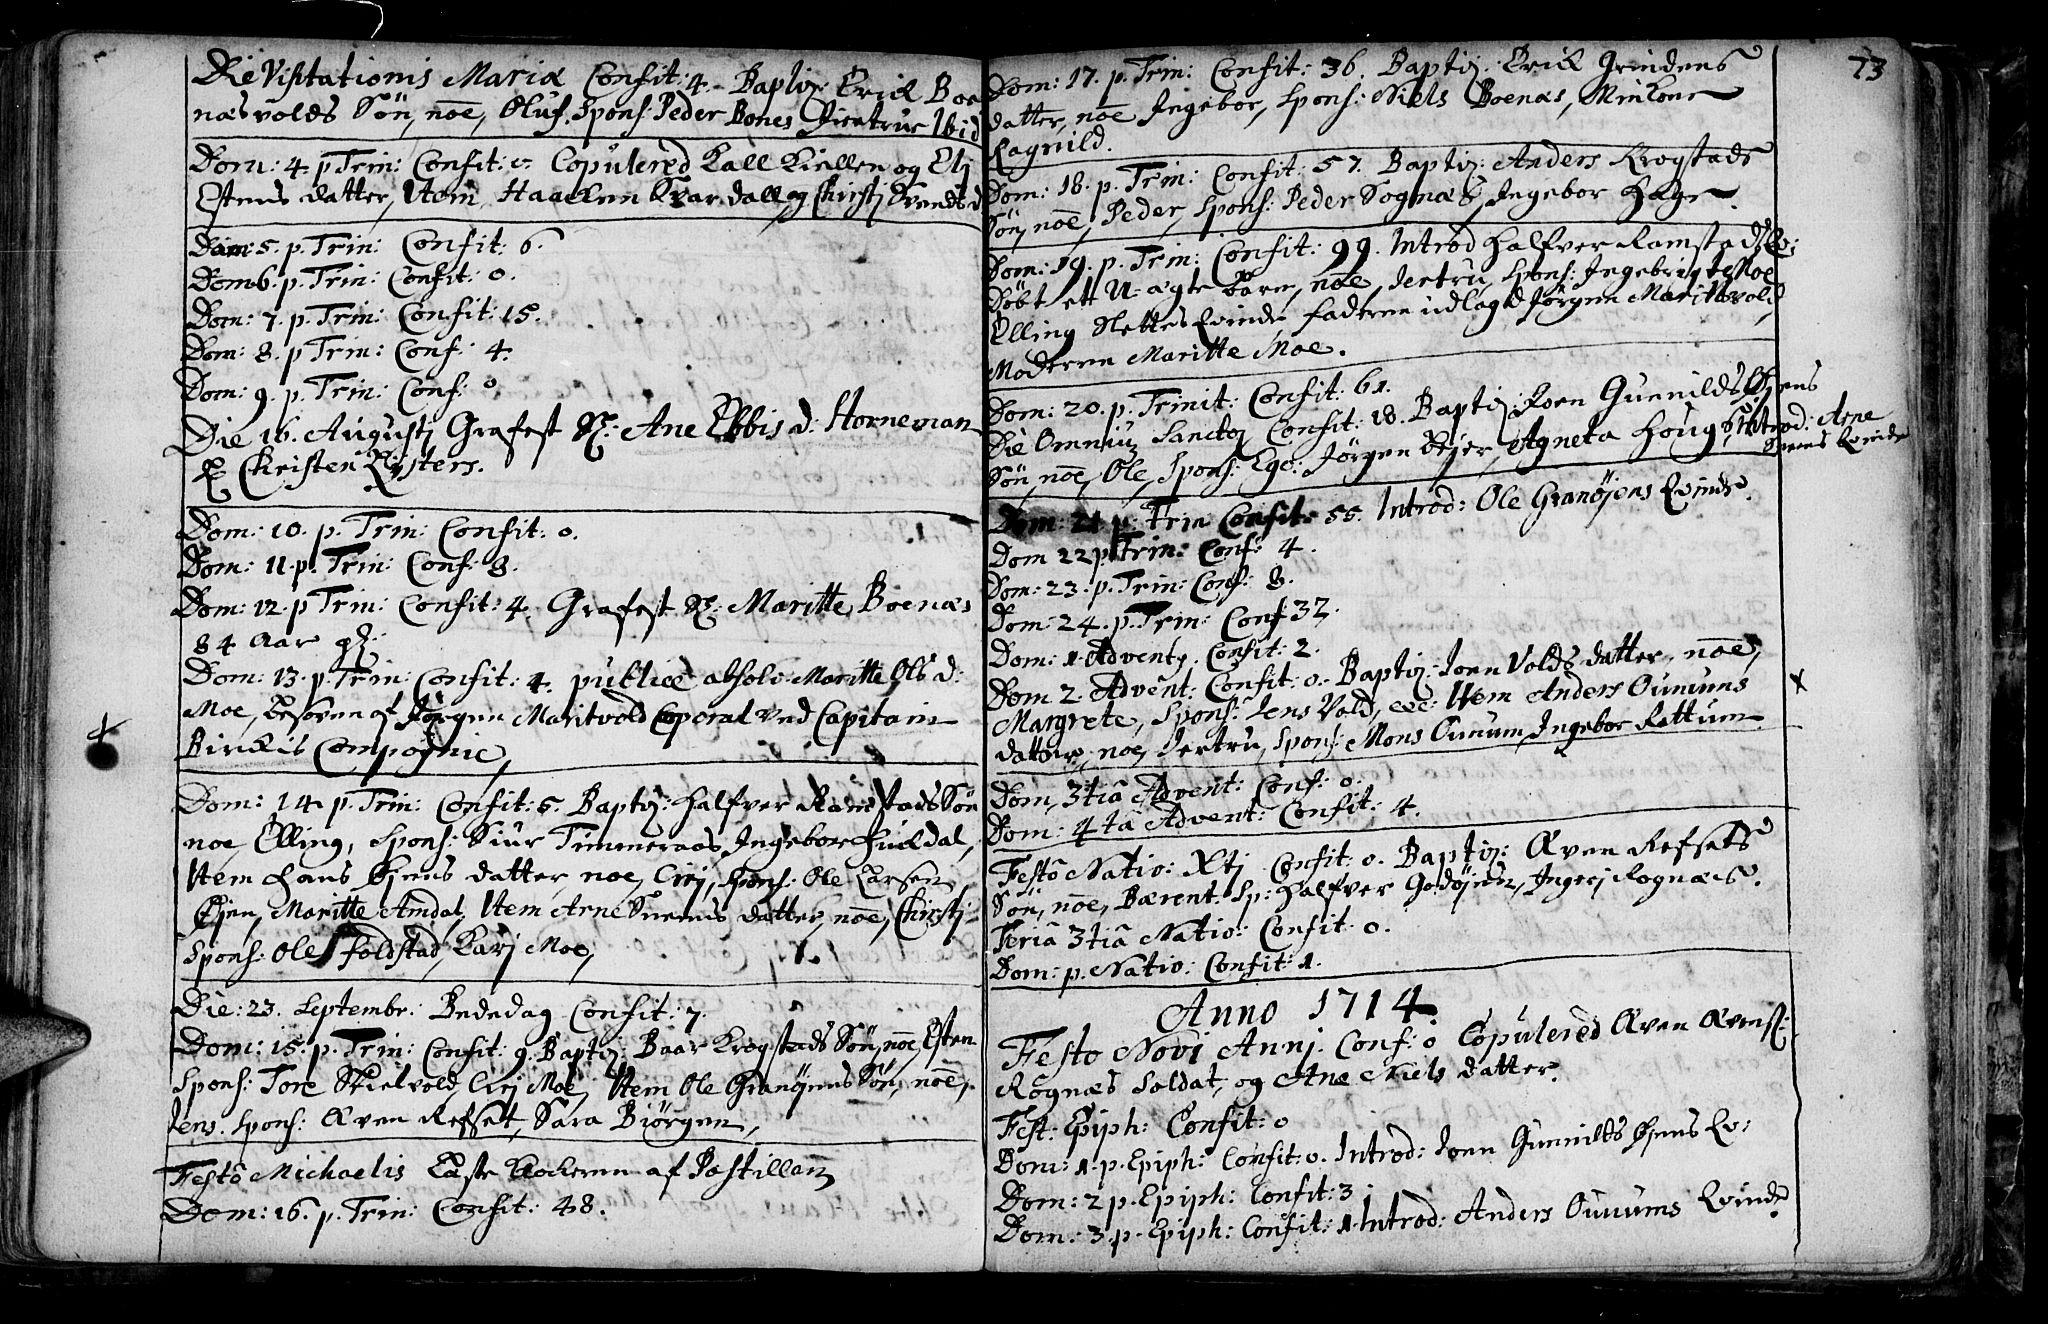 SAT, Ministerialprotokoller, klokkerbøker og fødselsregistre - Sør-Trøndelag, 687/L0990: Ministerialbok nr. 687A01, 1690-1746, s. 73